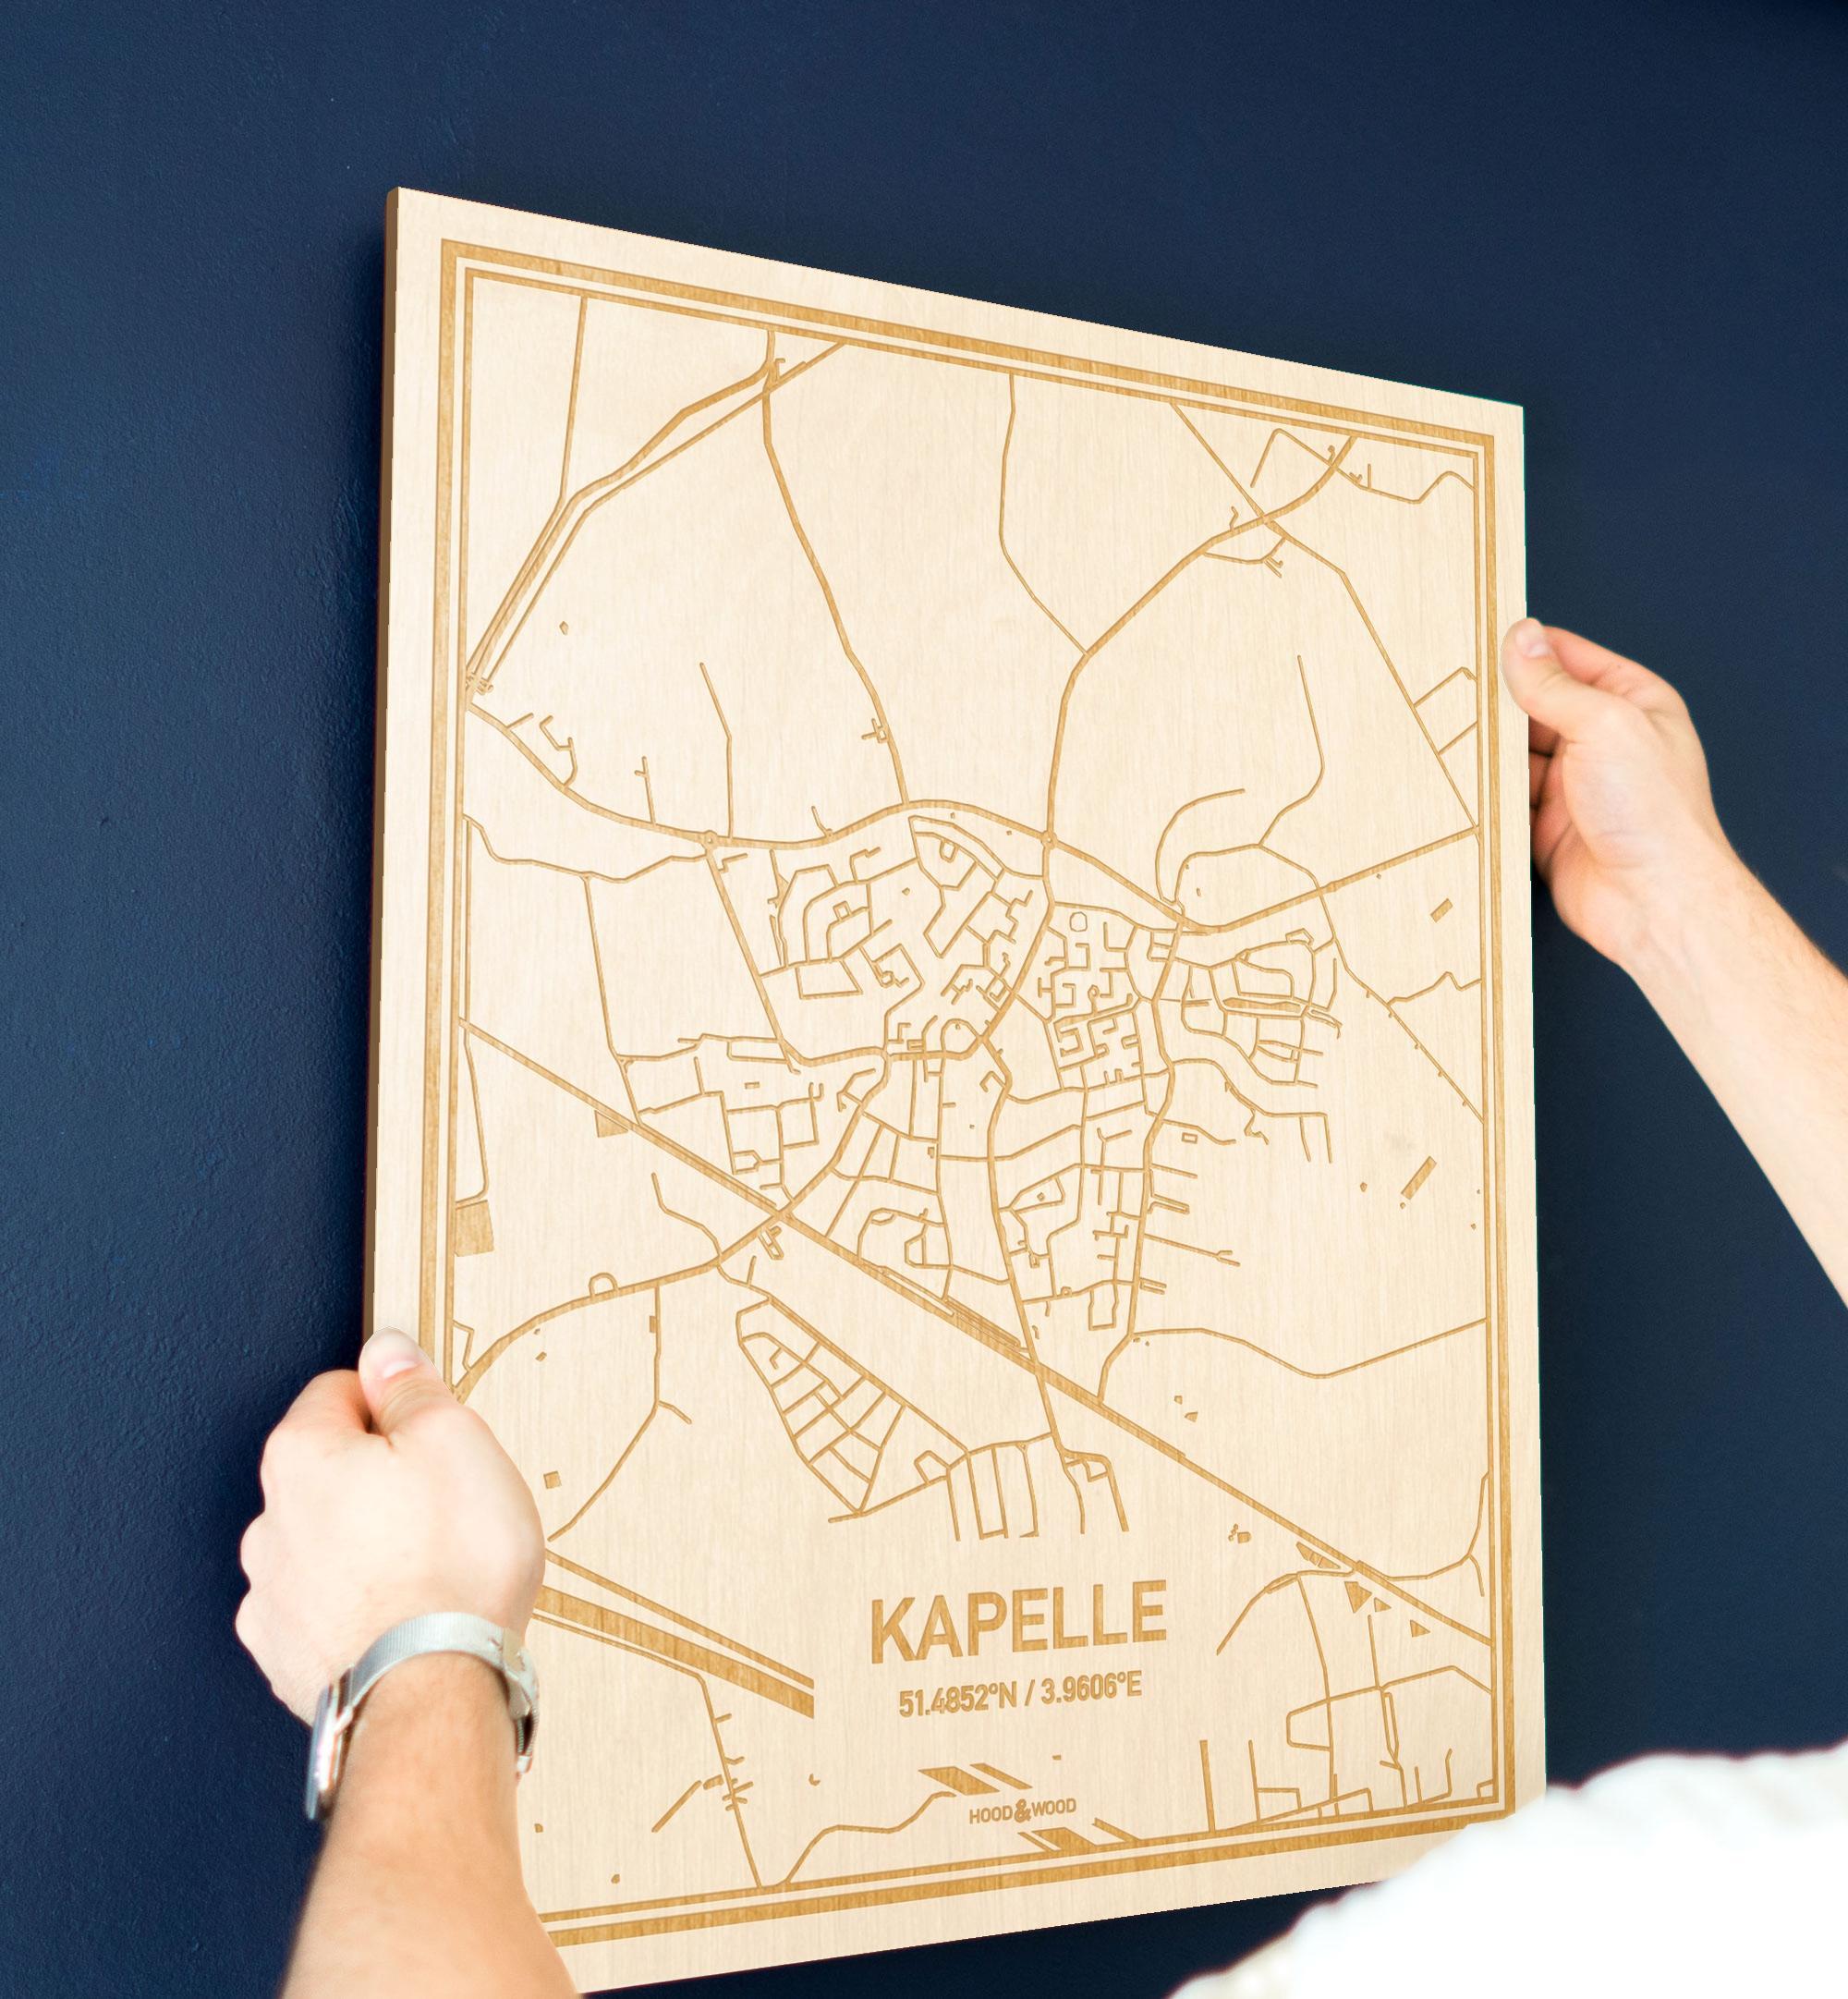 Een man hangt de houten plattegrond Kapelle aan zijn blauwe muur ter decoratie. Je ziet alleen zijn handen de kaart van deze prachtige in Zeeland vasthouden.